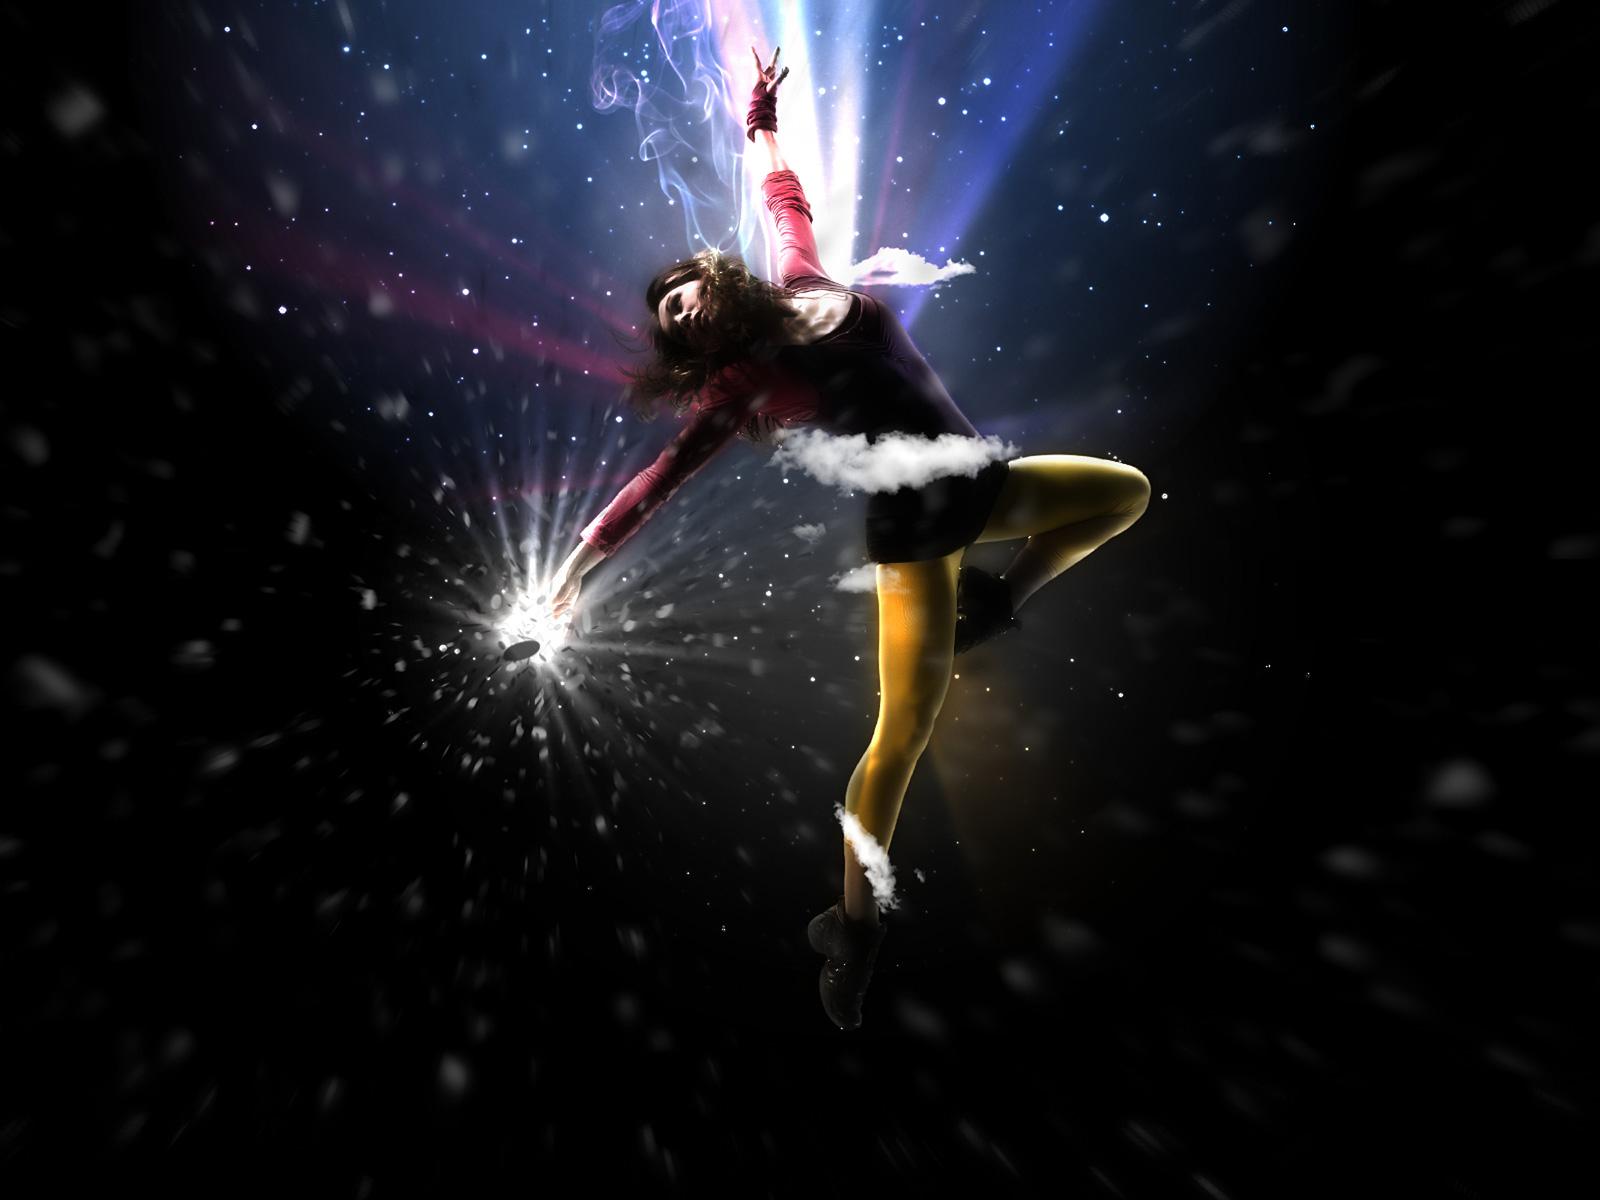 Deanne Morrison dance wallpaper 1600x1200